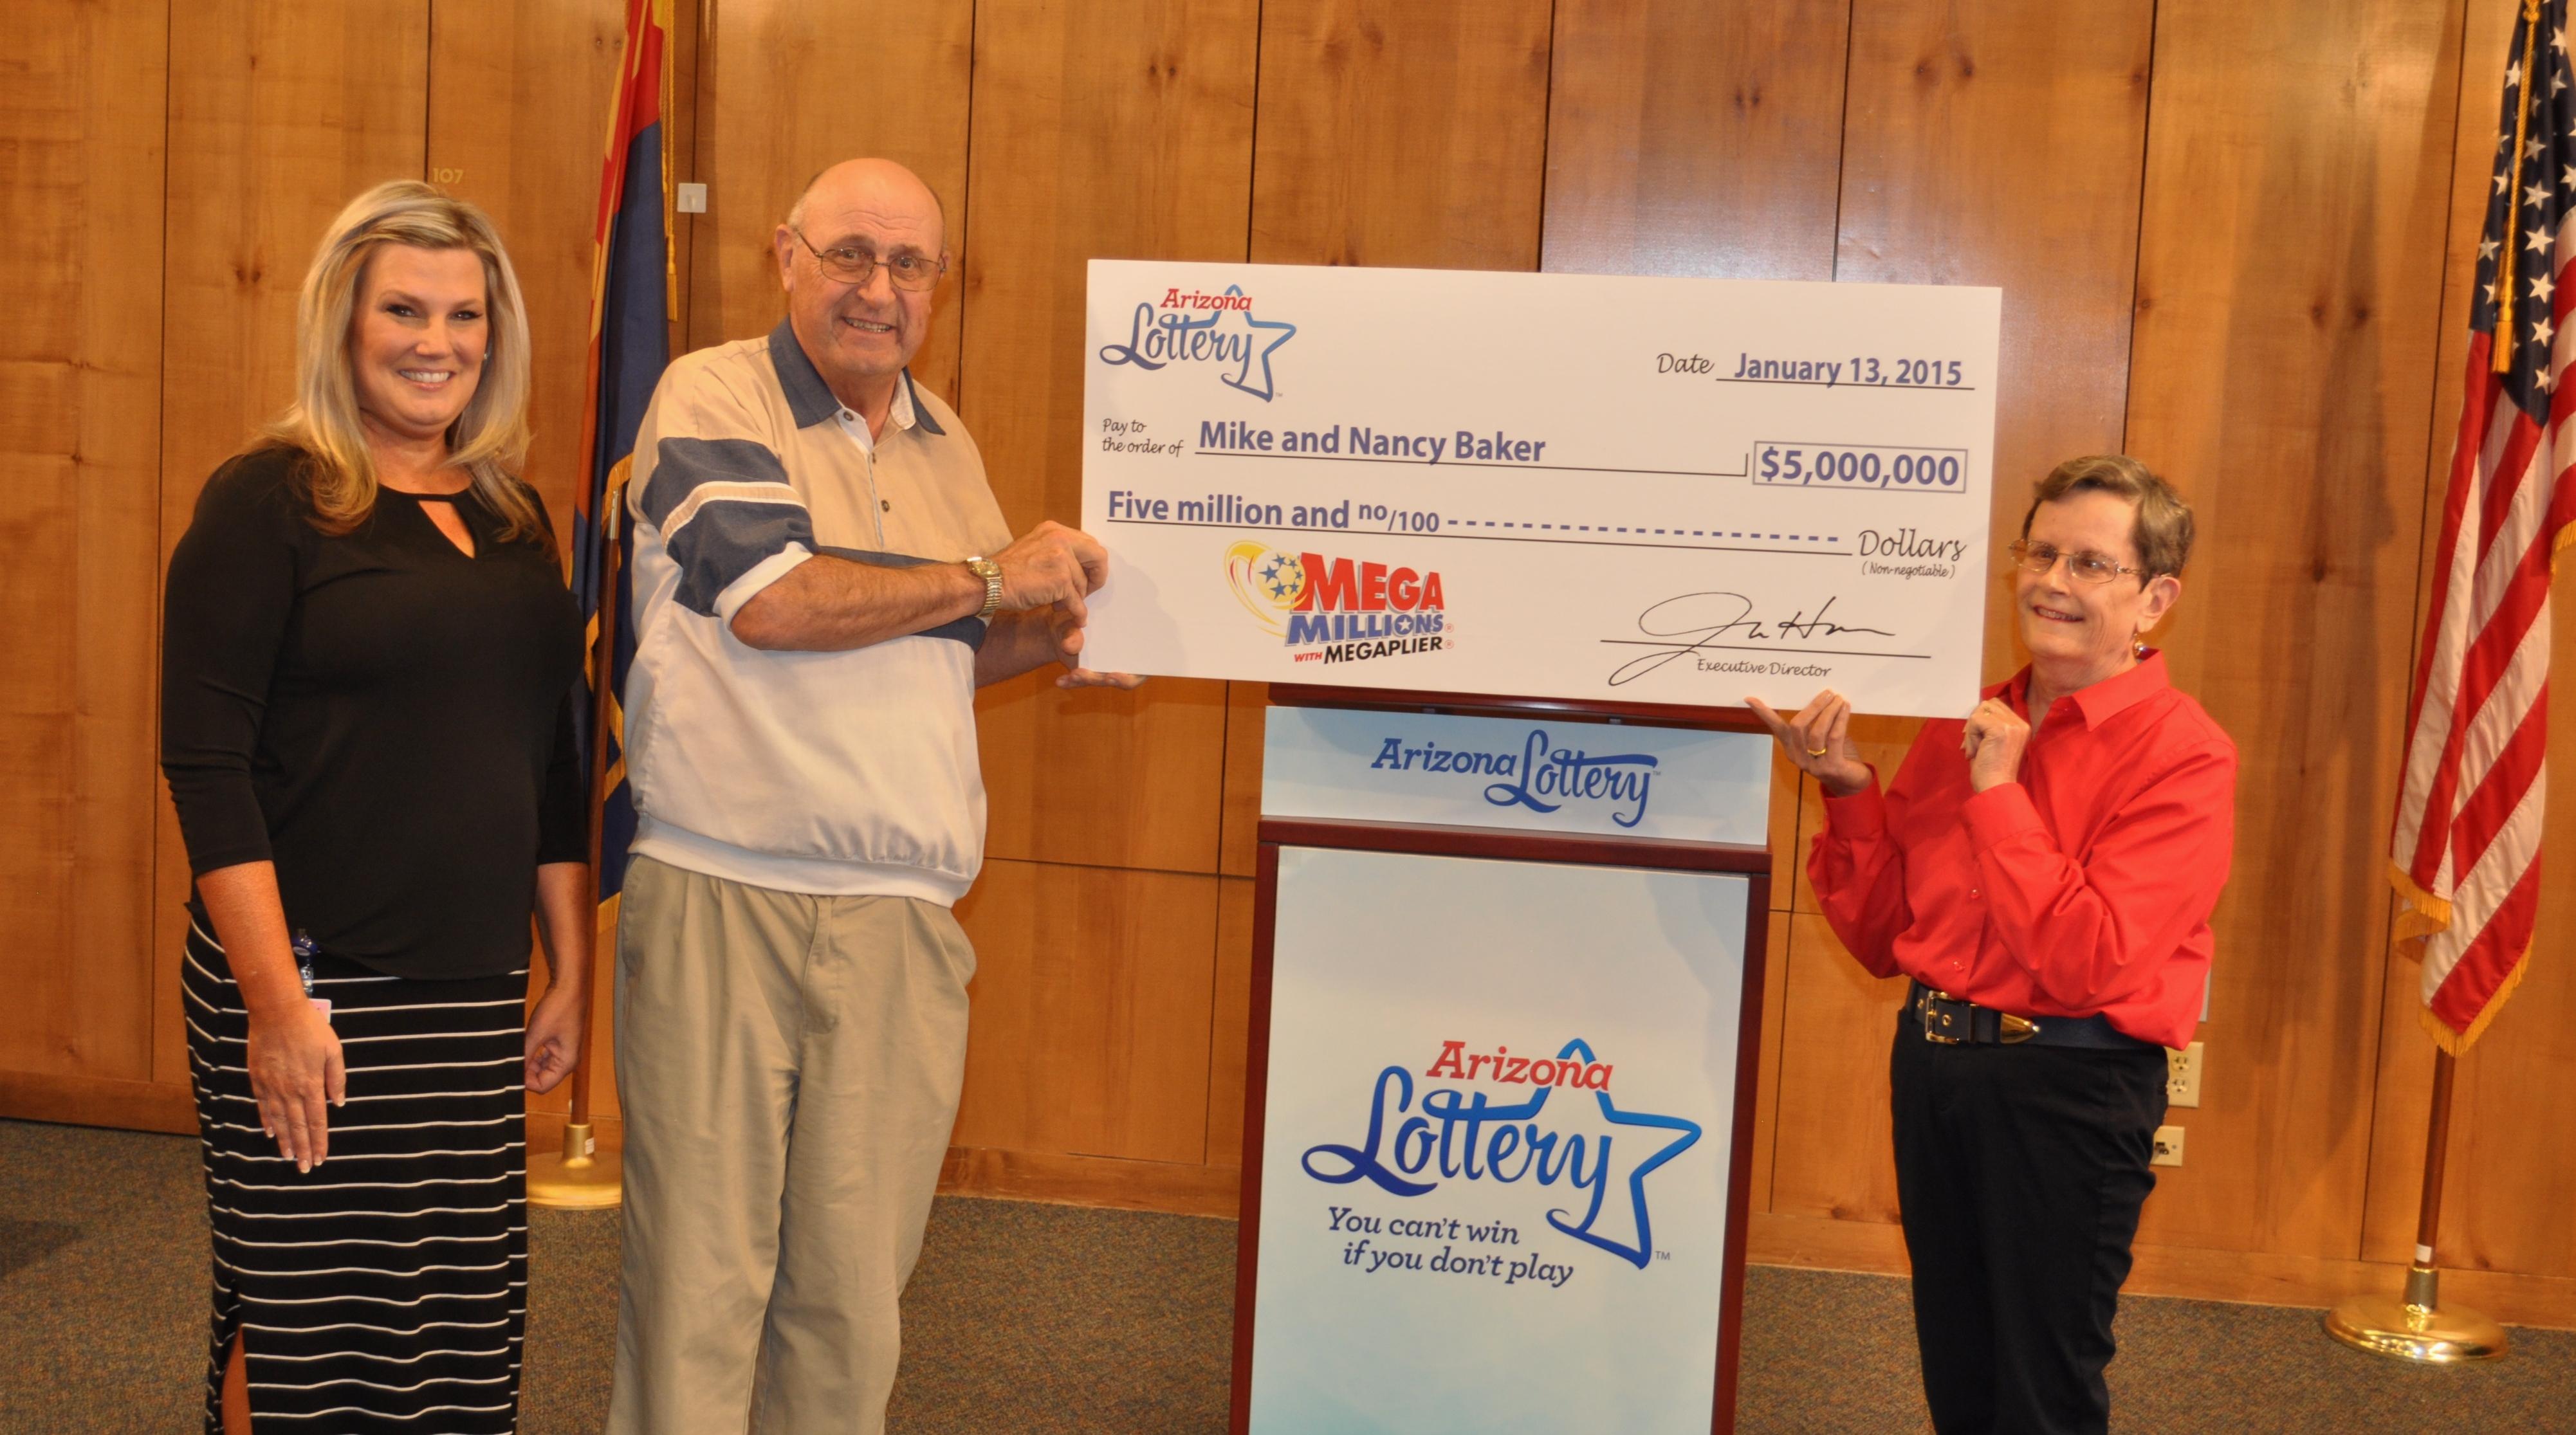 Sun City West Couple Claims 5 Million Mega Millions R Winning Ticket